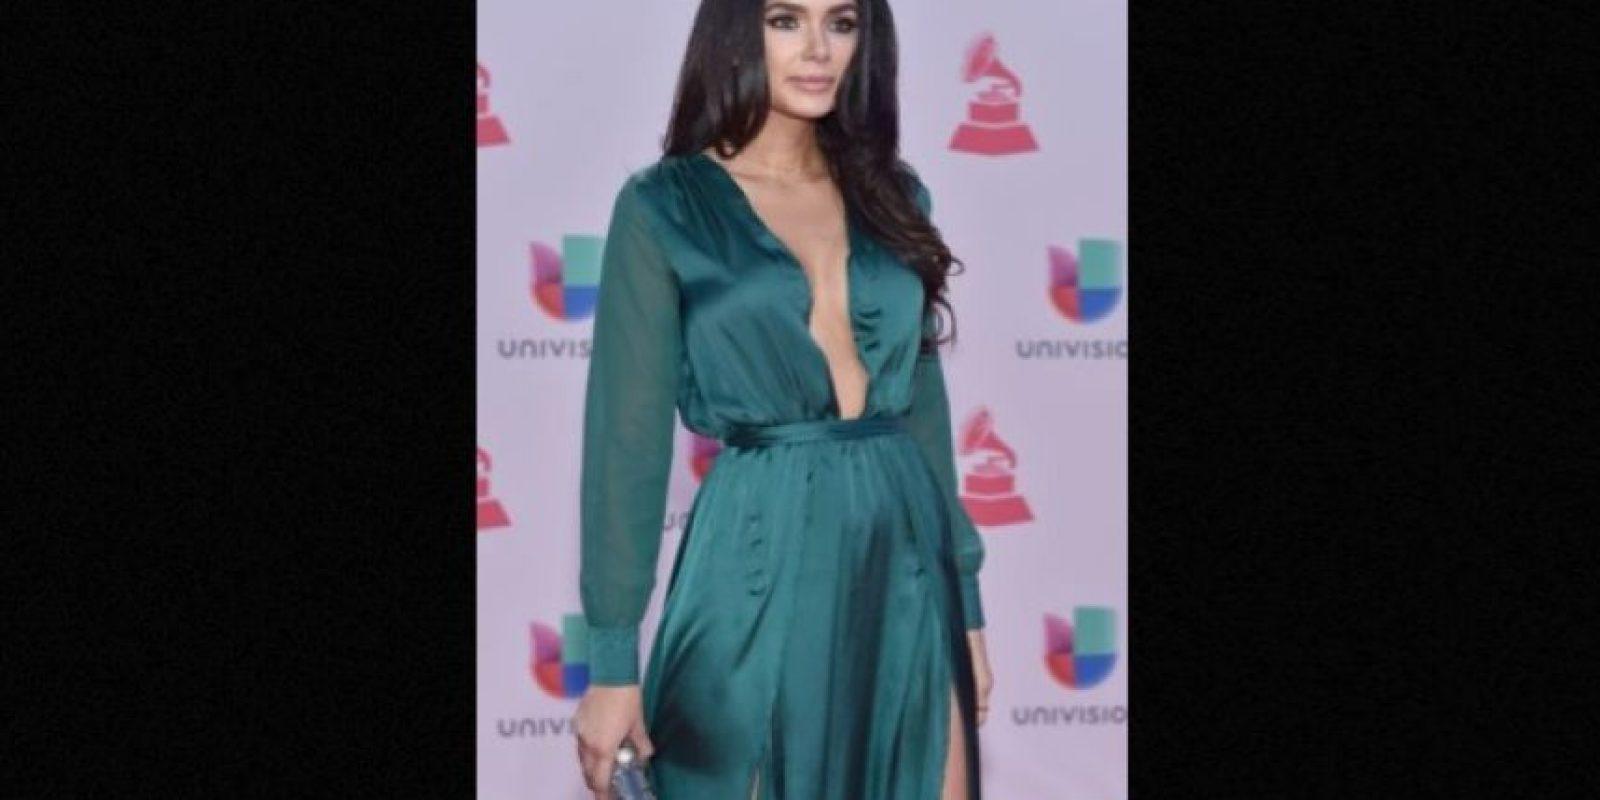 Jamillette Gaxiola dejó poco a la imaginación con este vestido verde Foto:Getty Images